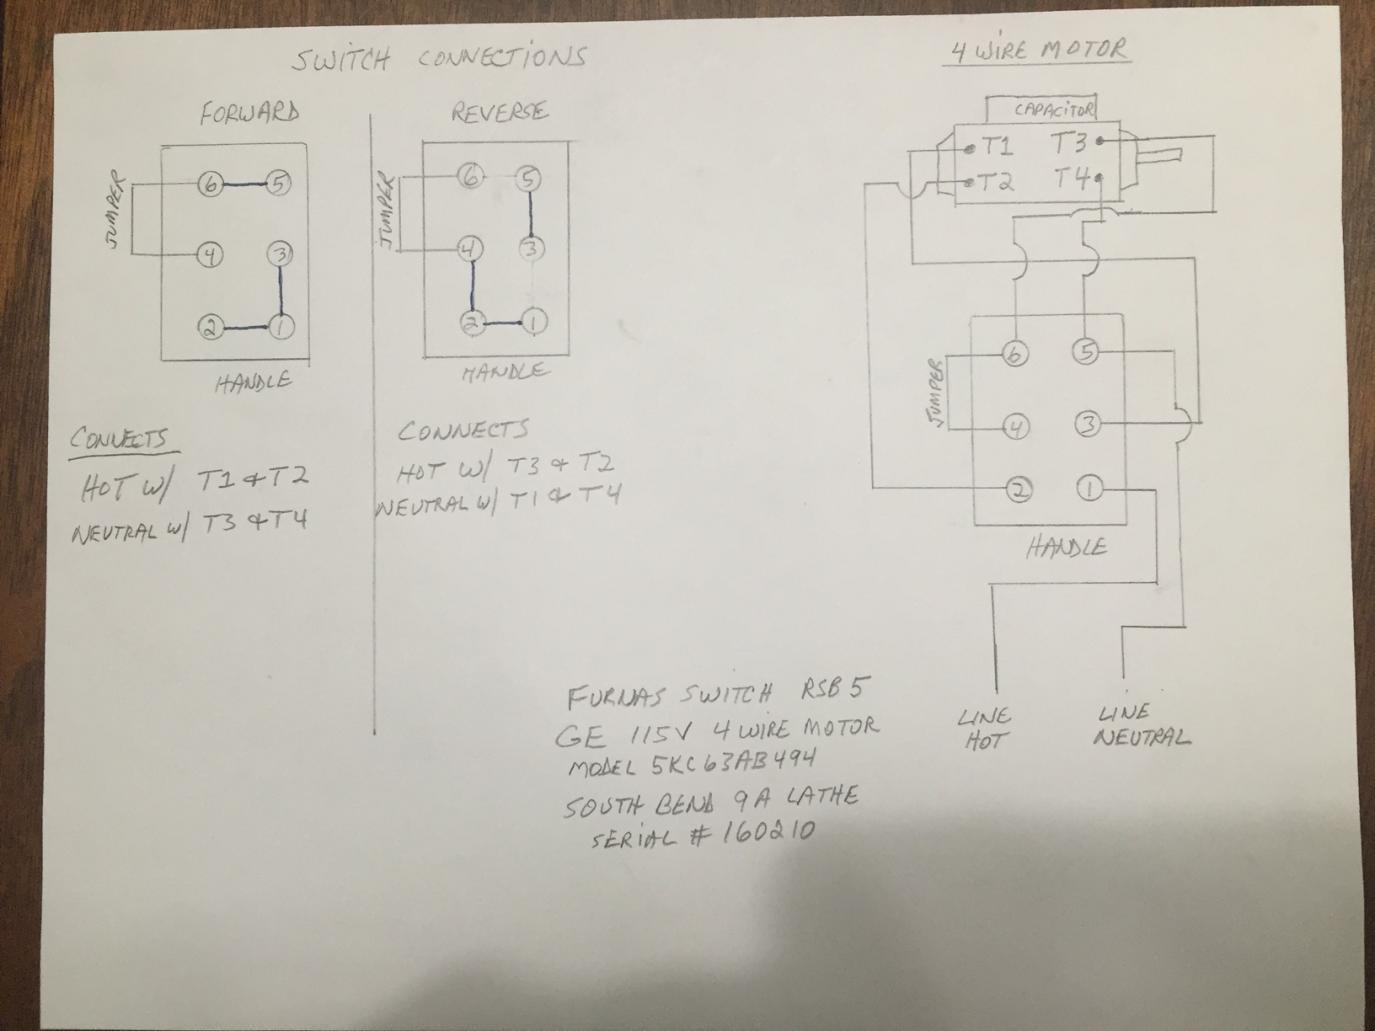 ge motor wiring diagram hks turbo timer older washing machine kenmore